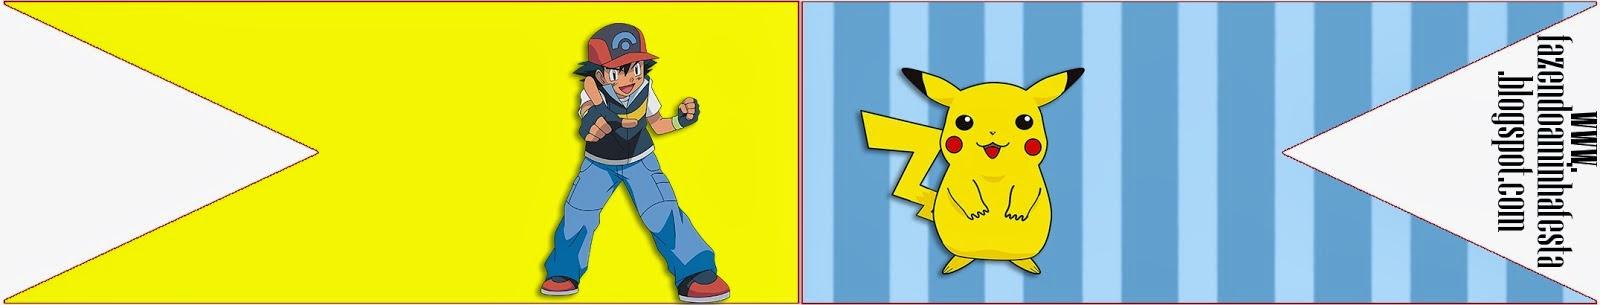 pokemon poster farbig kostenlos zum ausdrucken  900